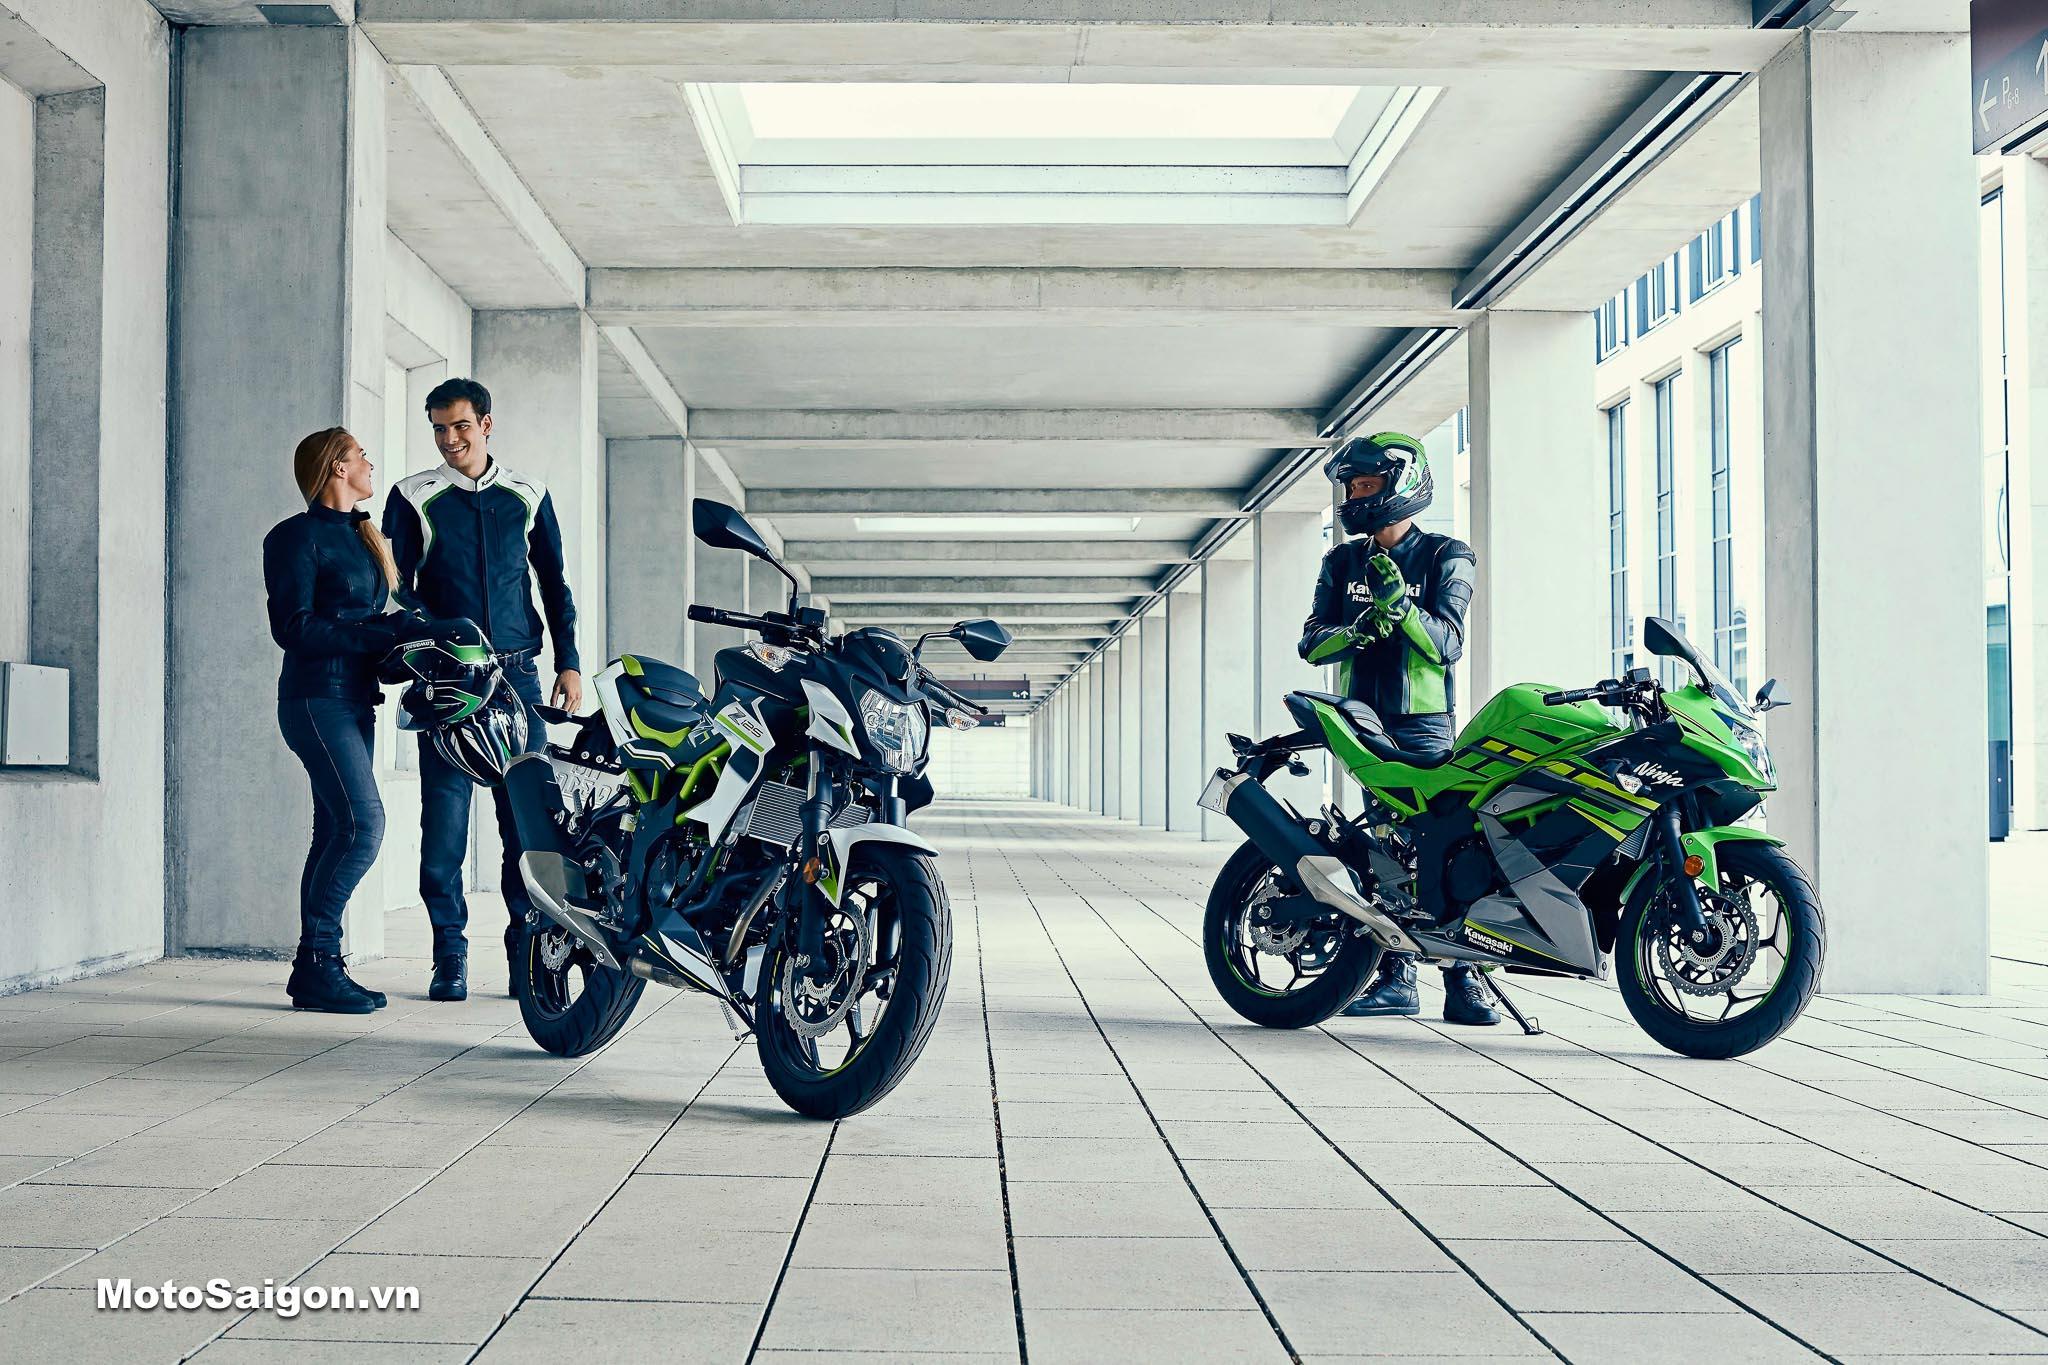 Kawasaki Ninja 125 Z125 2022 lộ diện làm tiền đề cho Ninja 150 Z150?